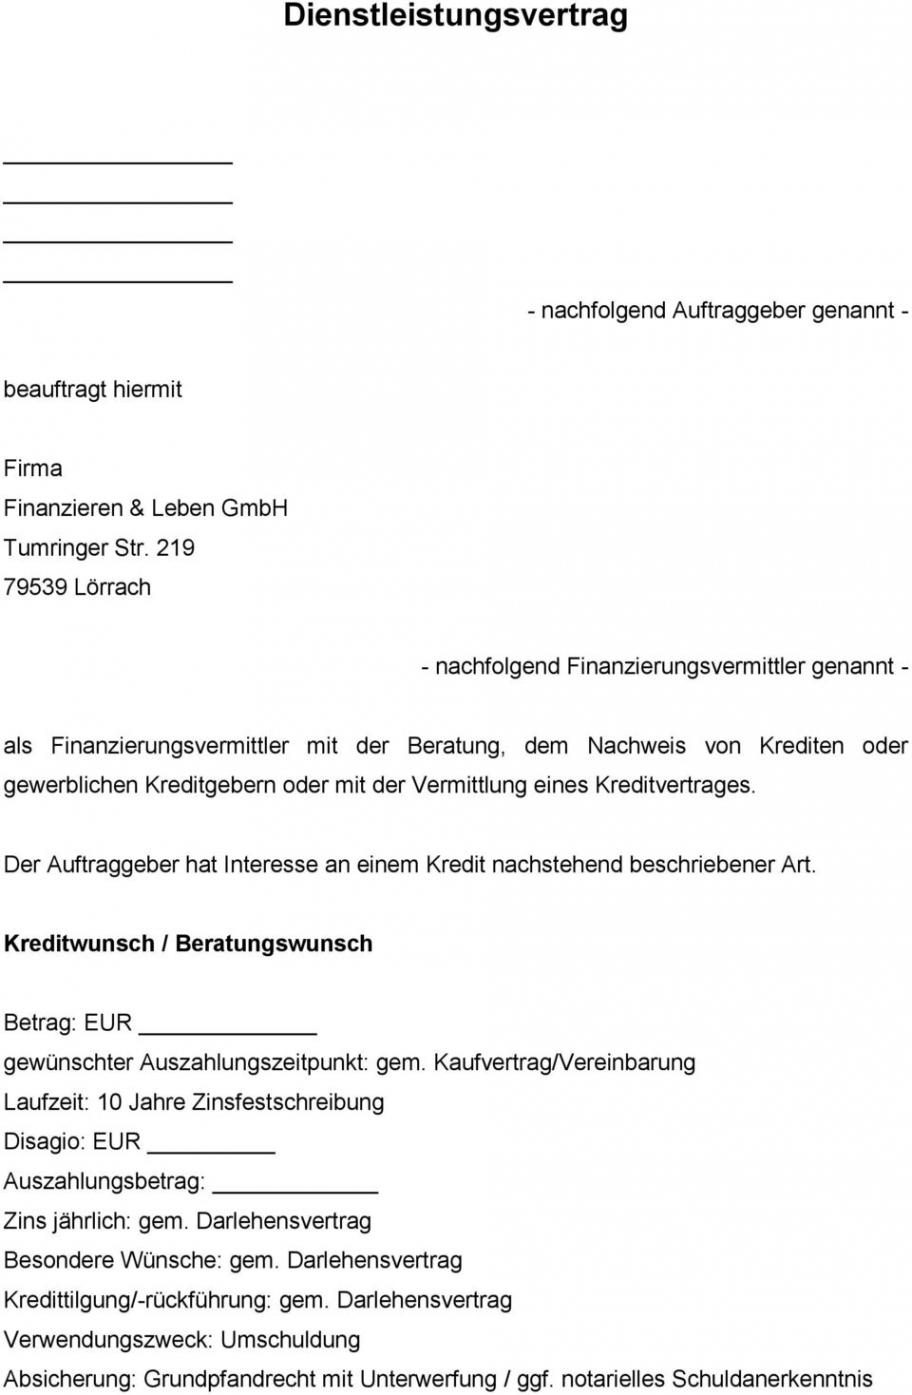 druckbar von dienstleistungsvertrag  pdf free download vermittlungsprovision rechnung vorlage